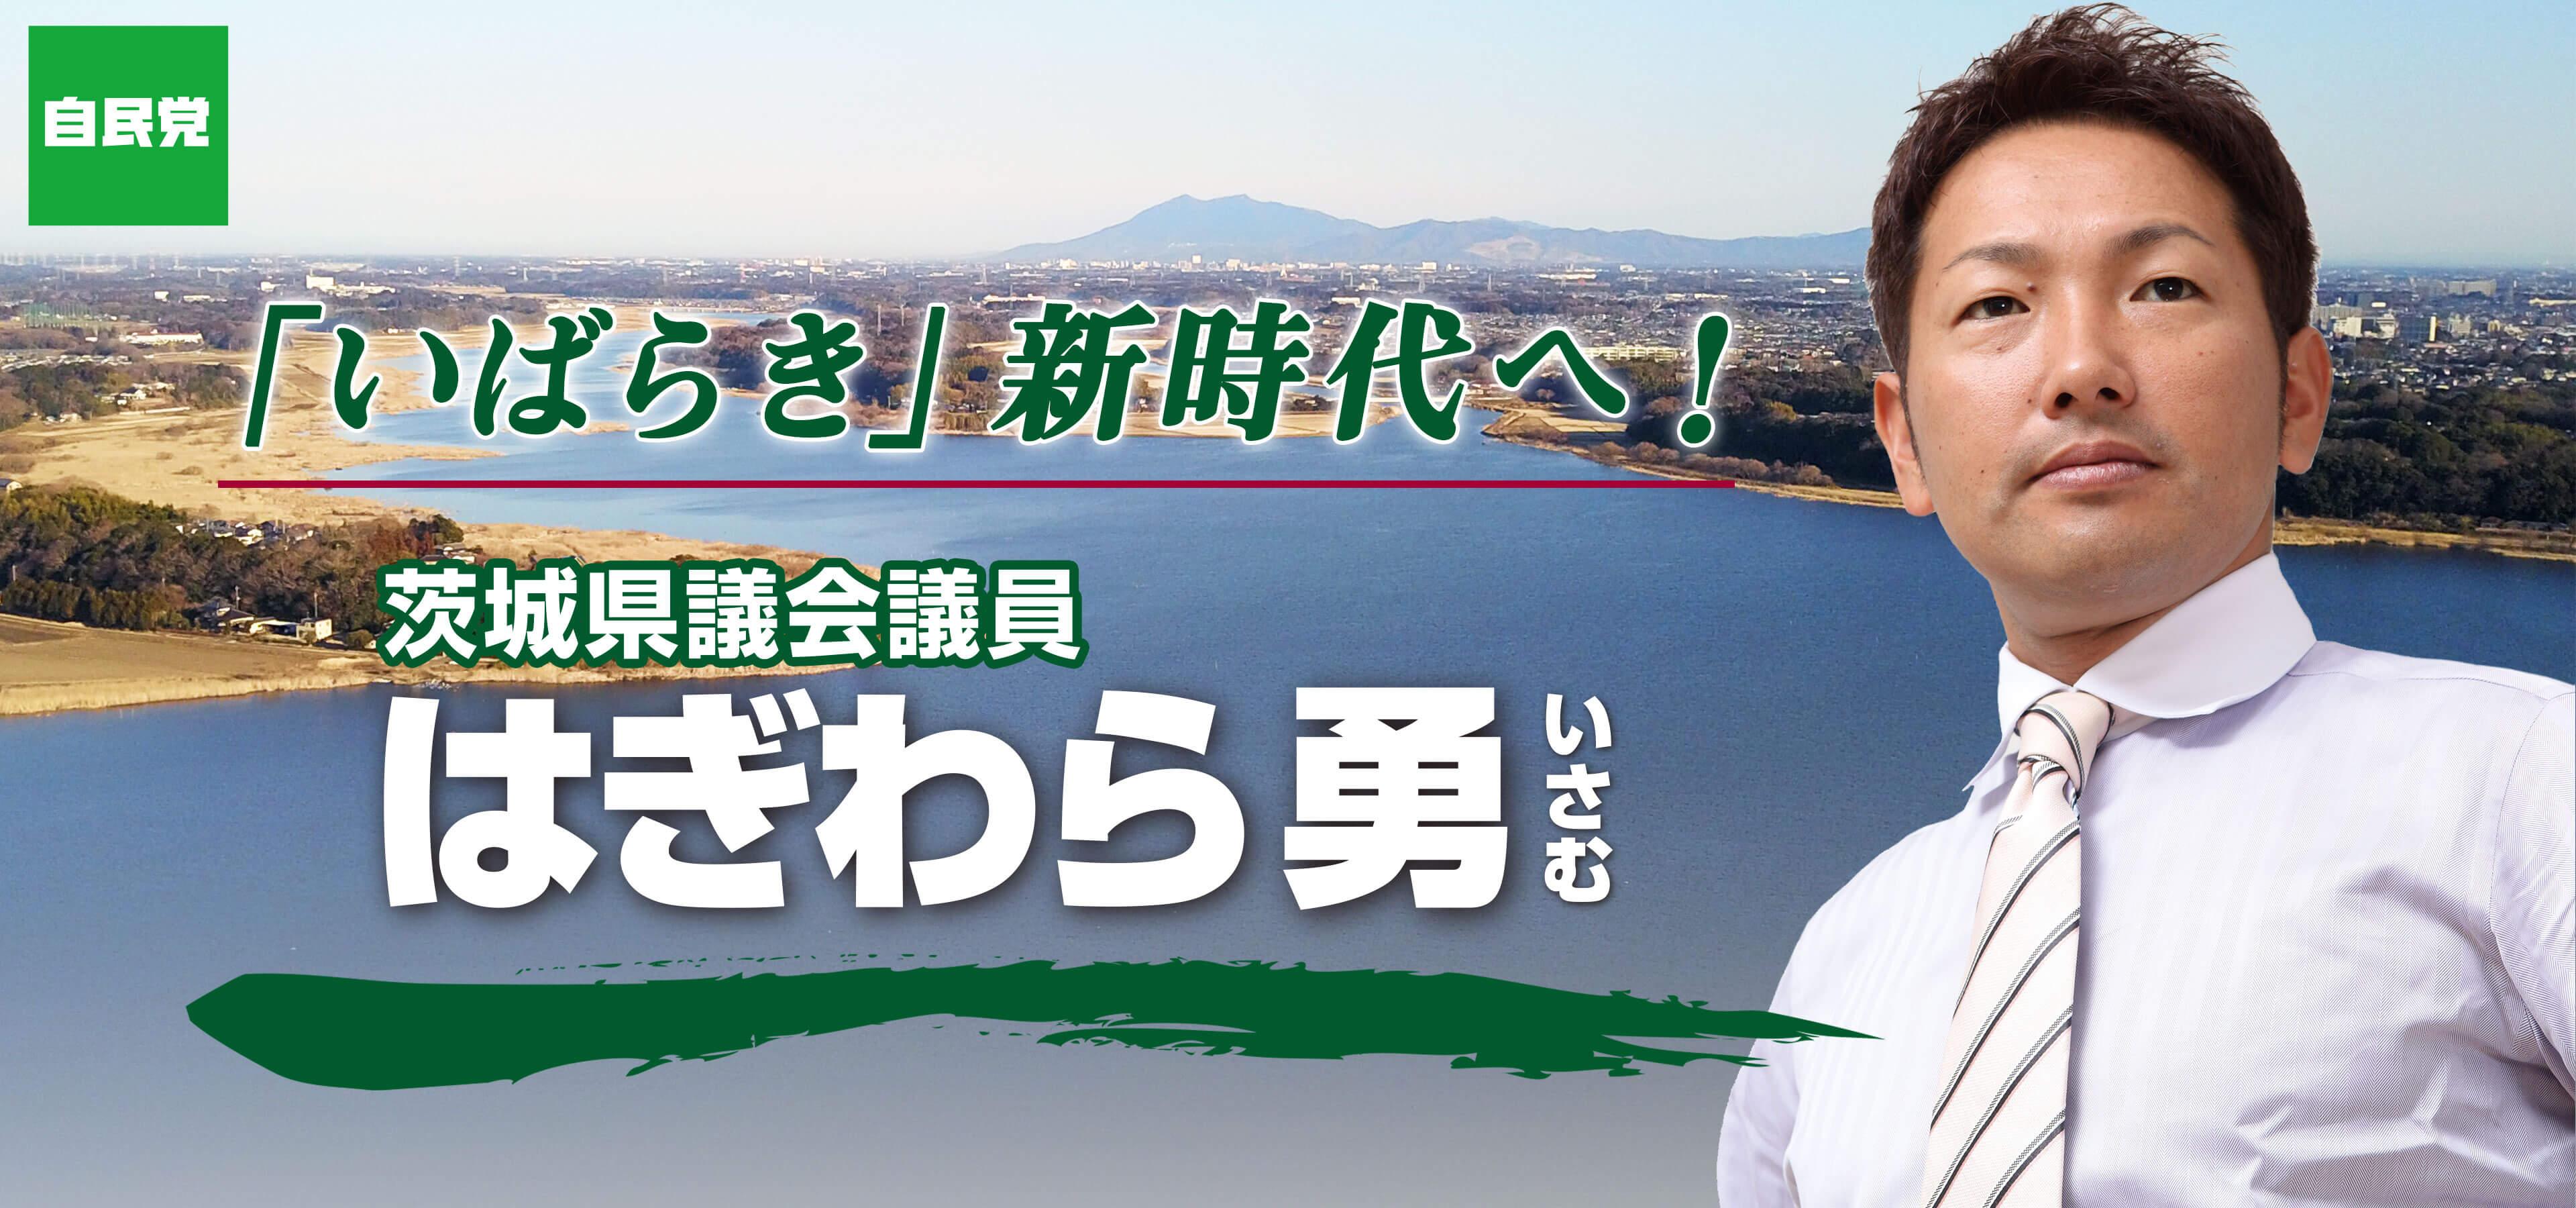 茨城県議会議員 はぎわら勇 萩原勇 公式ホームページ 若さと行動力で活力ある未来を!